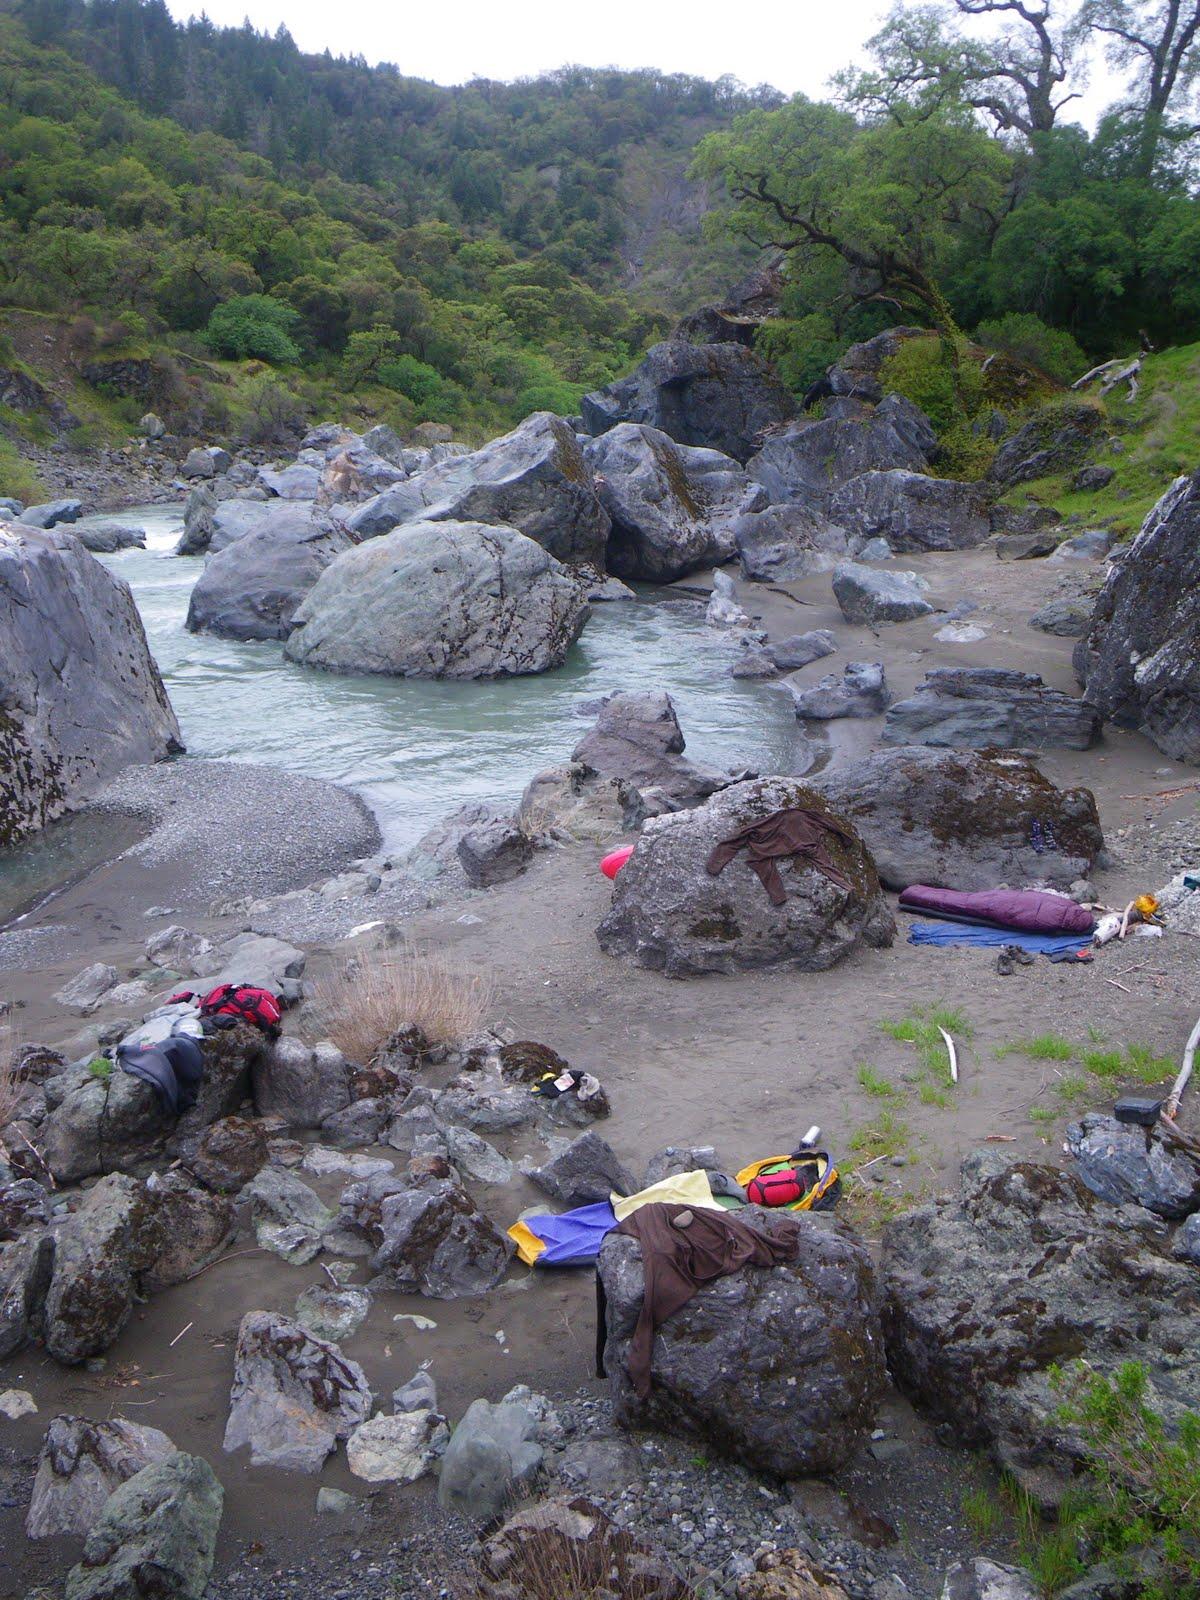 Eel River Camping North Coast Paddling: ...